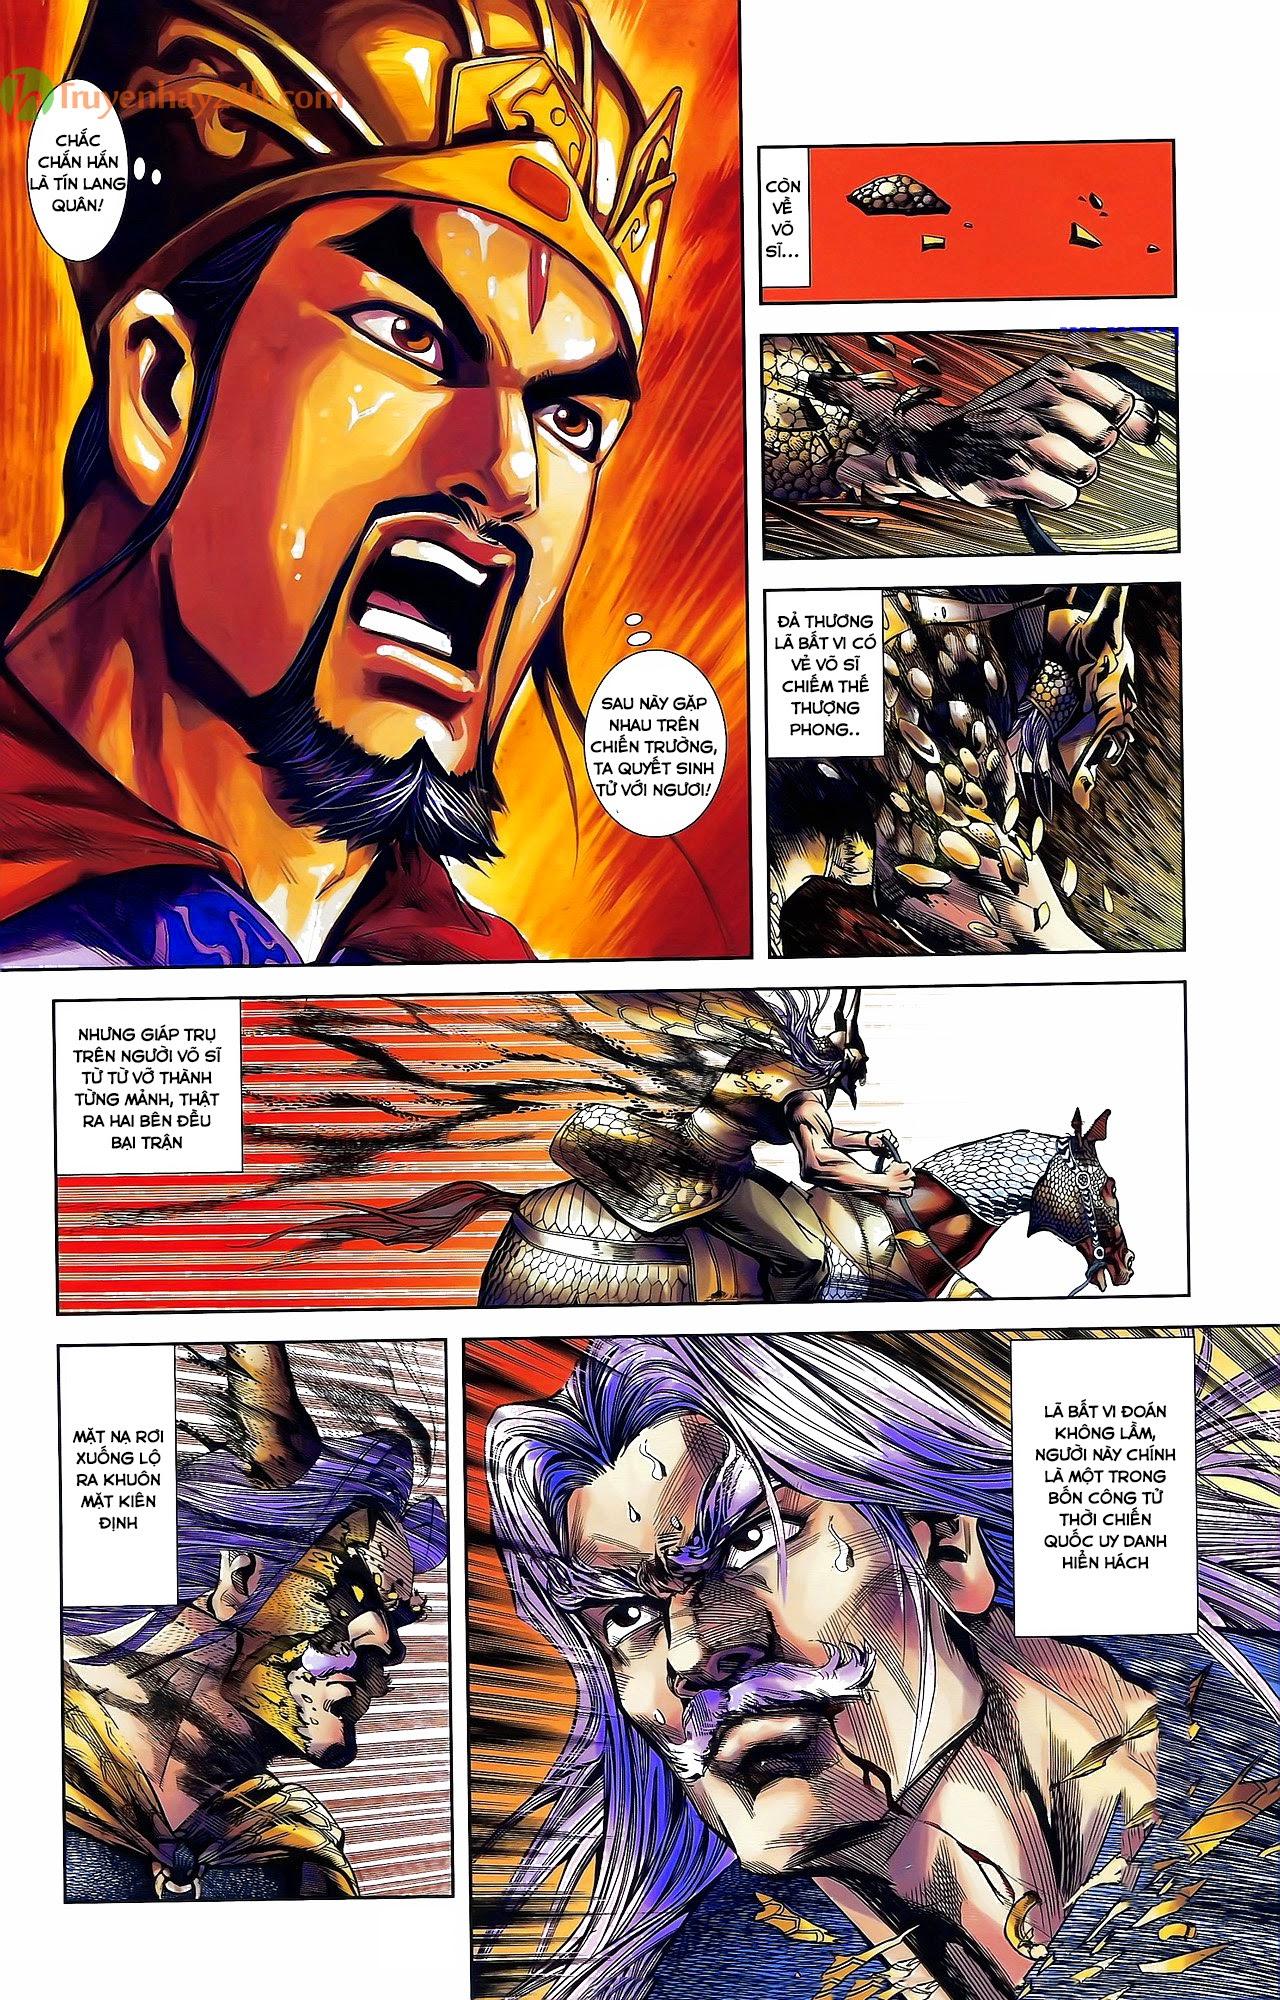 Tần Vương Doanh Chính chapter 31 trang 15